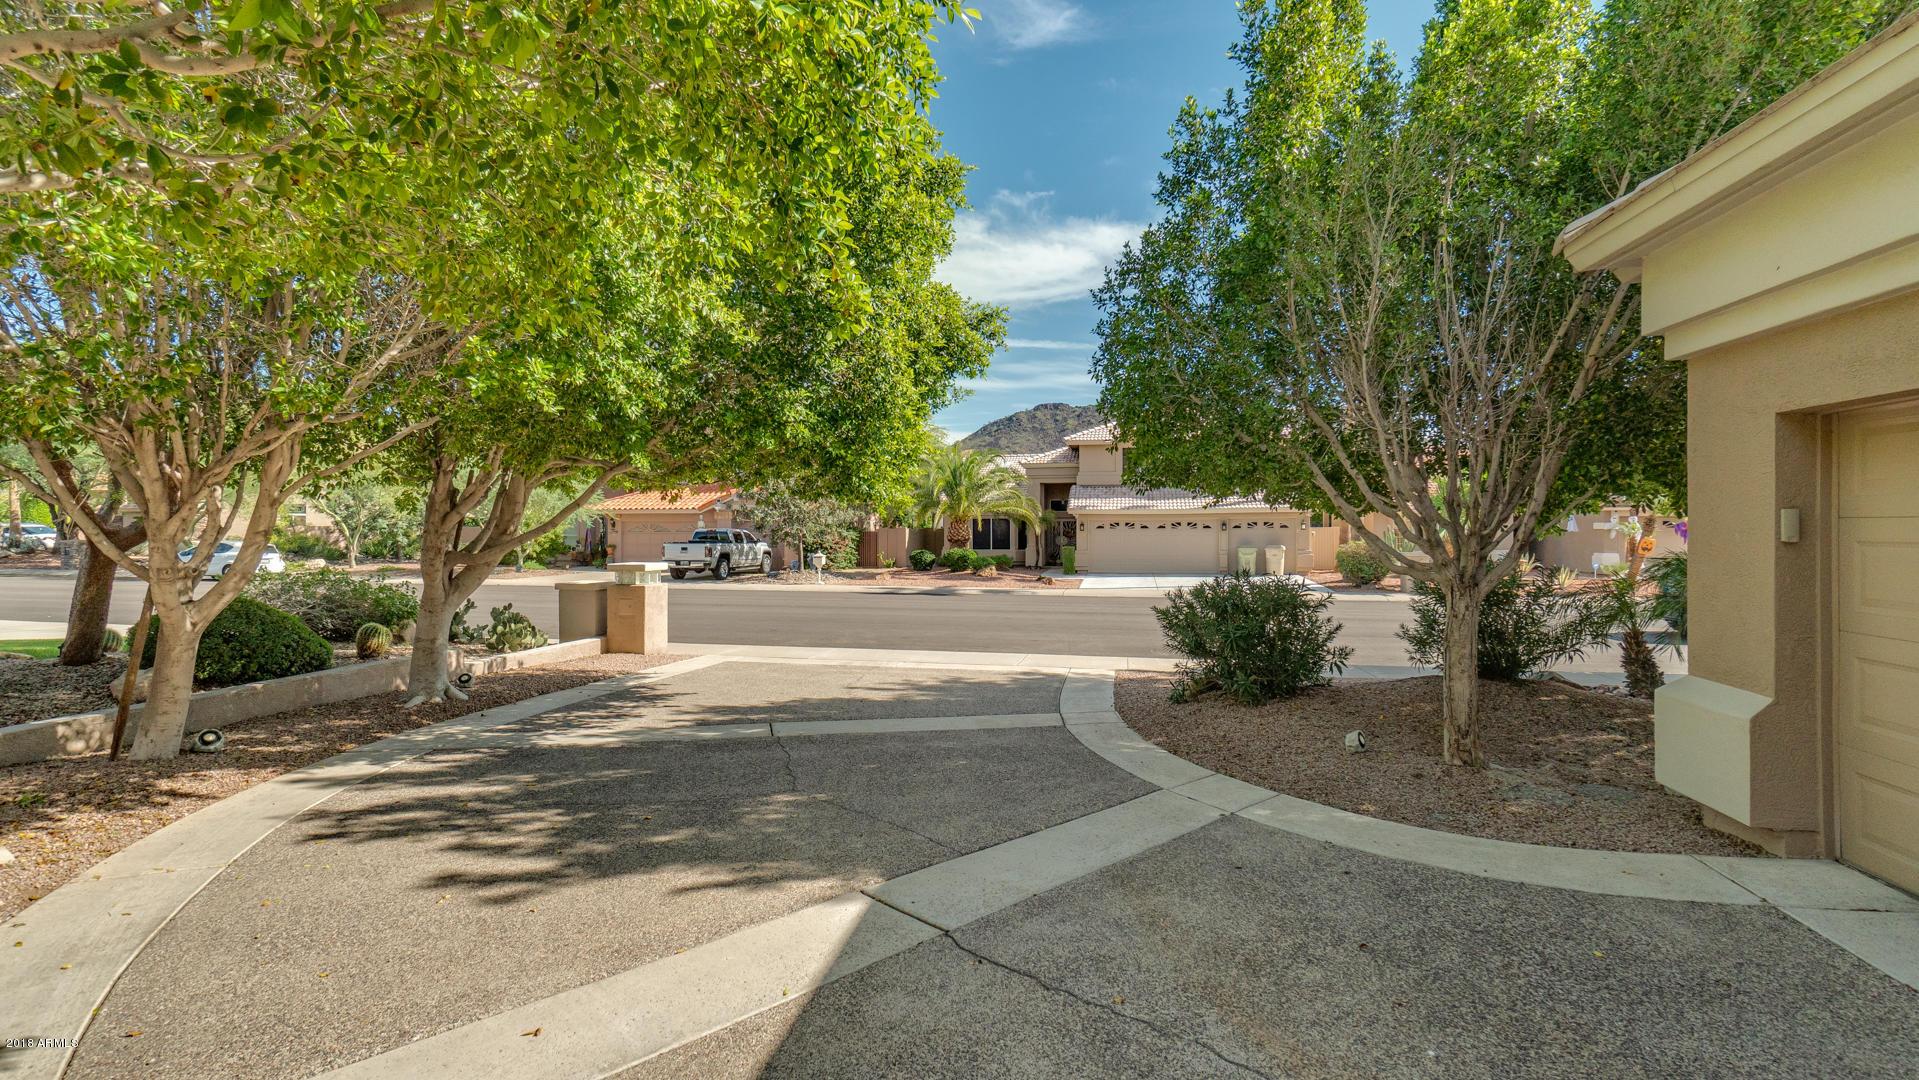 MLS 5837947 20758 N 56TH Avenue, Glendale, AZ 85308 Glendale AZ Golf